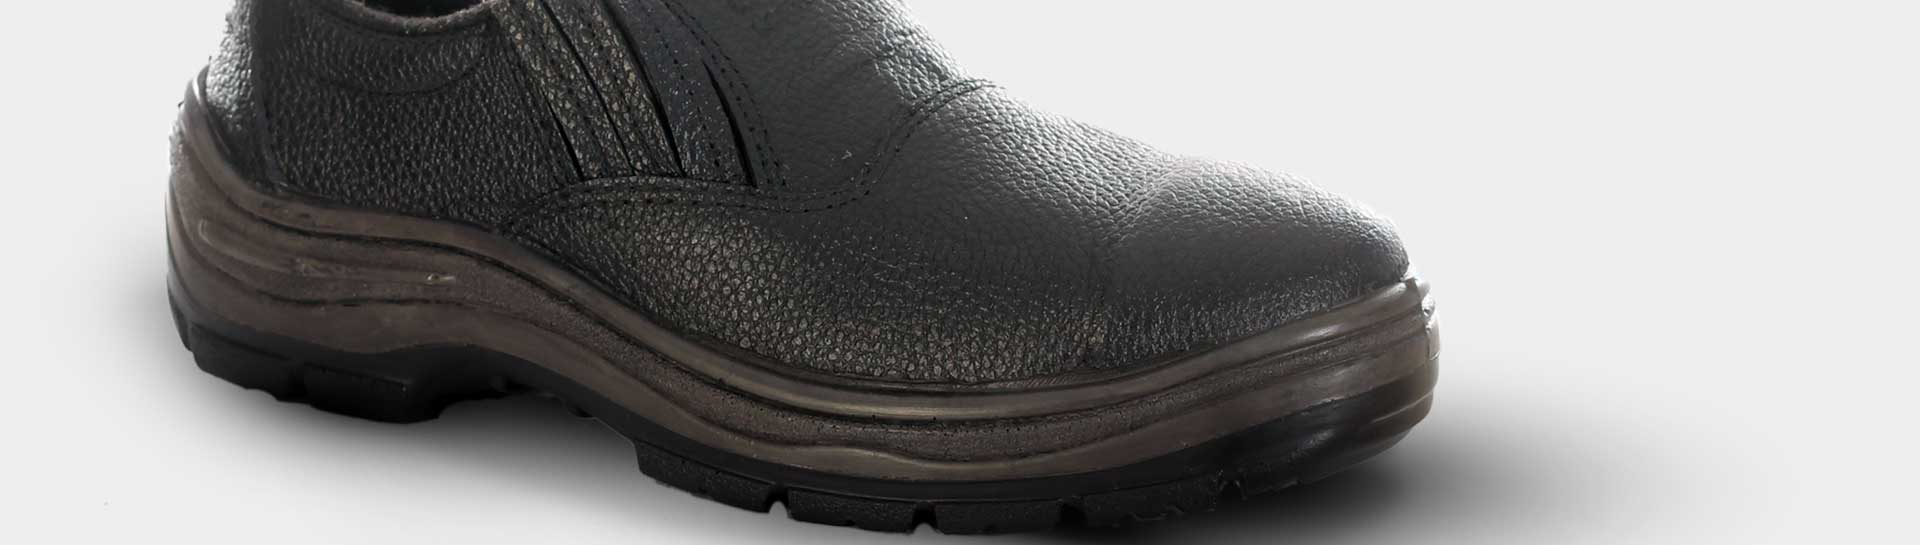 Sapato de Segurança Modelo com Elástico   WorkEPIs